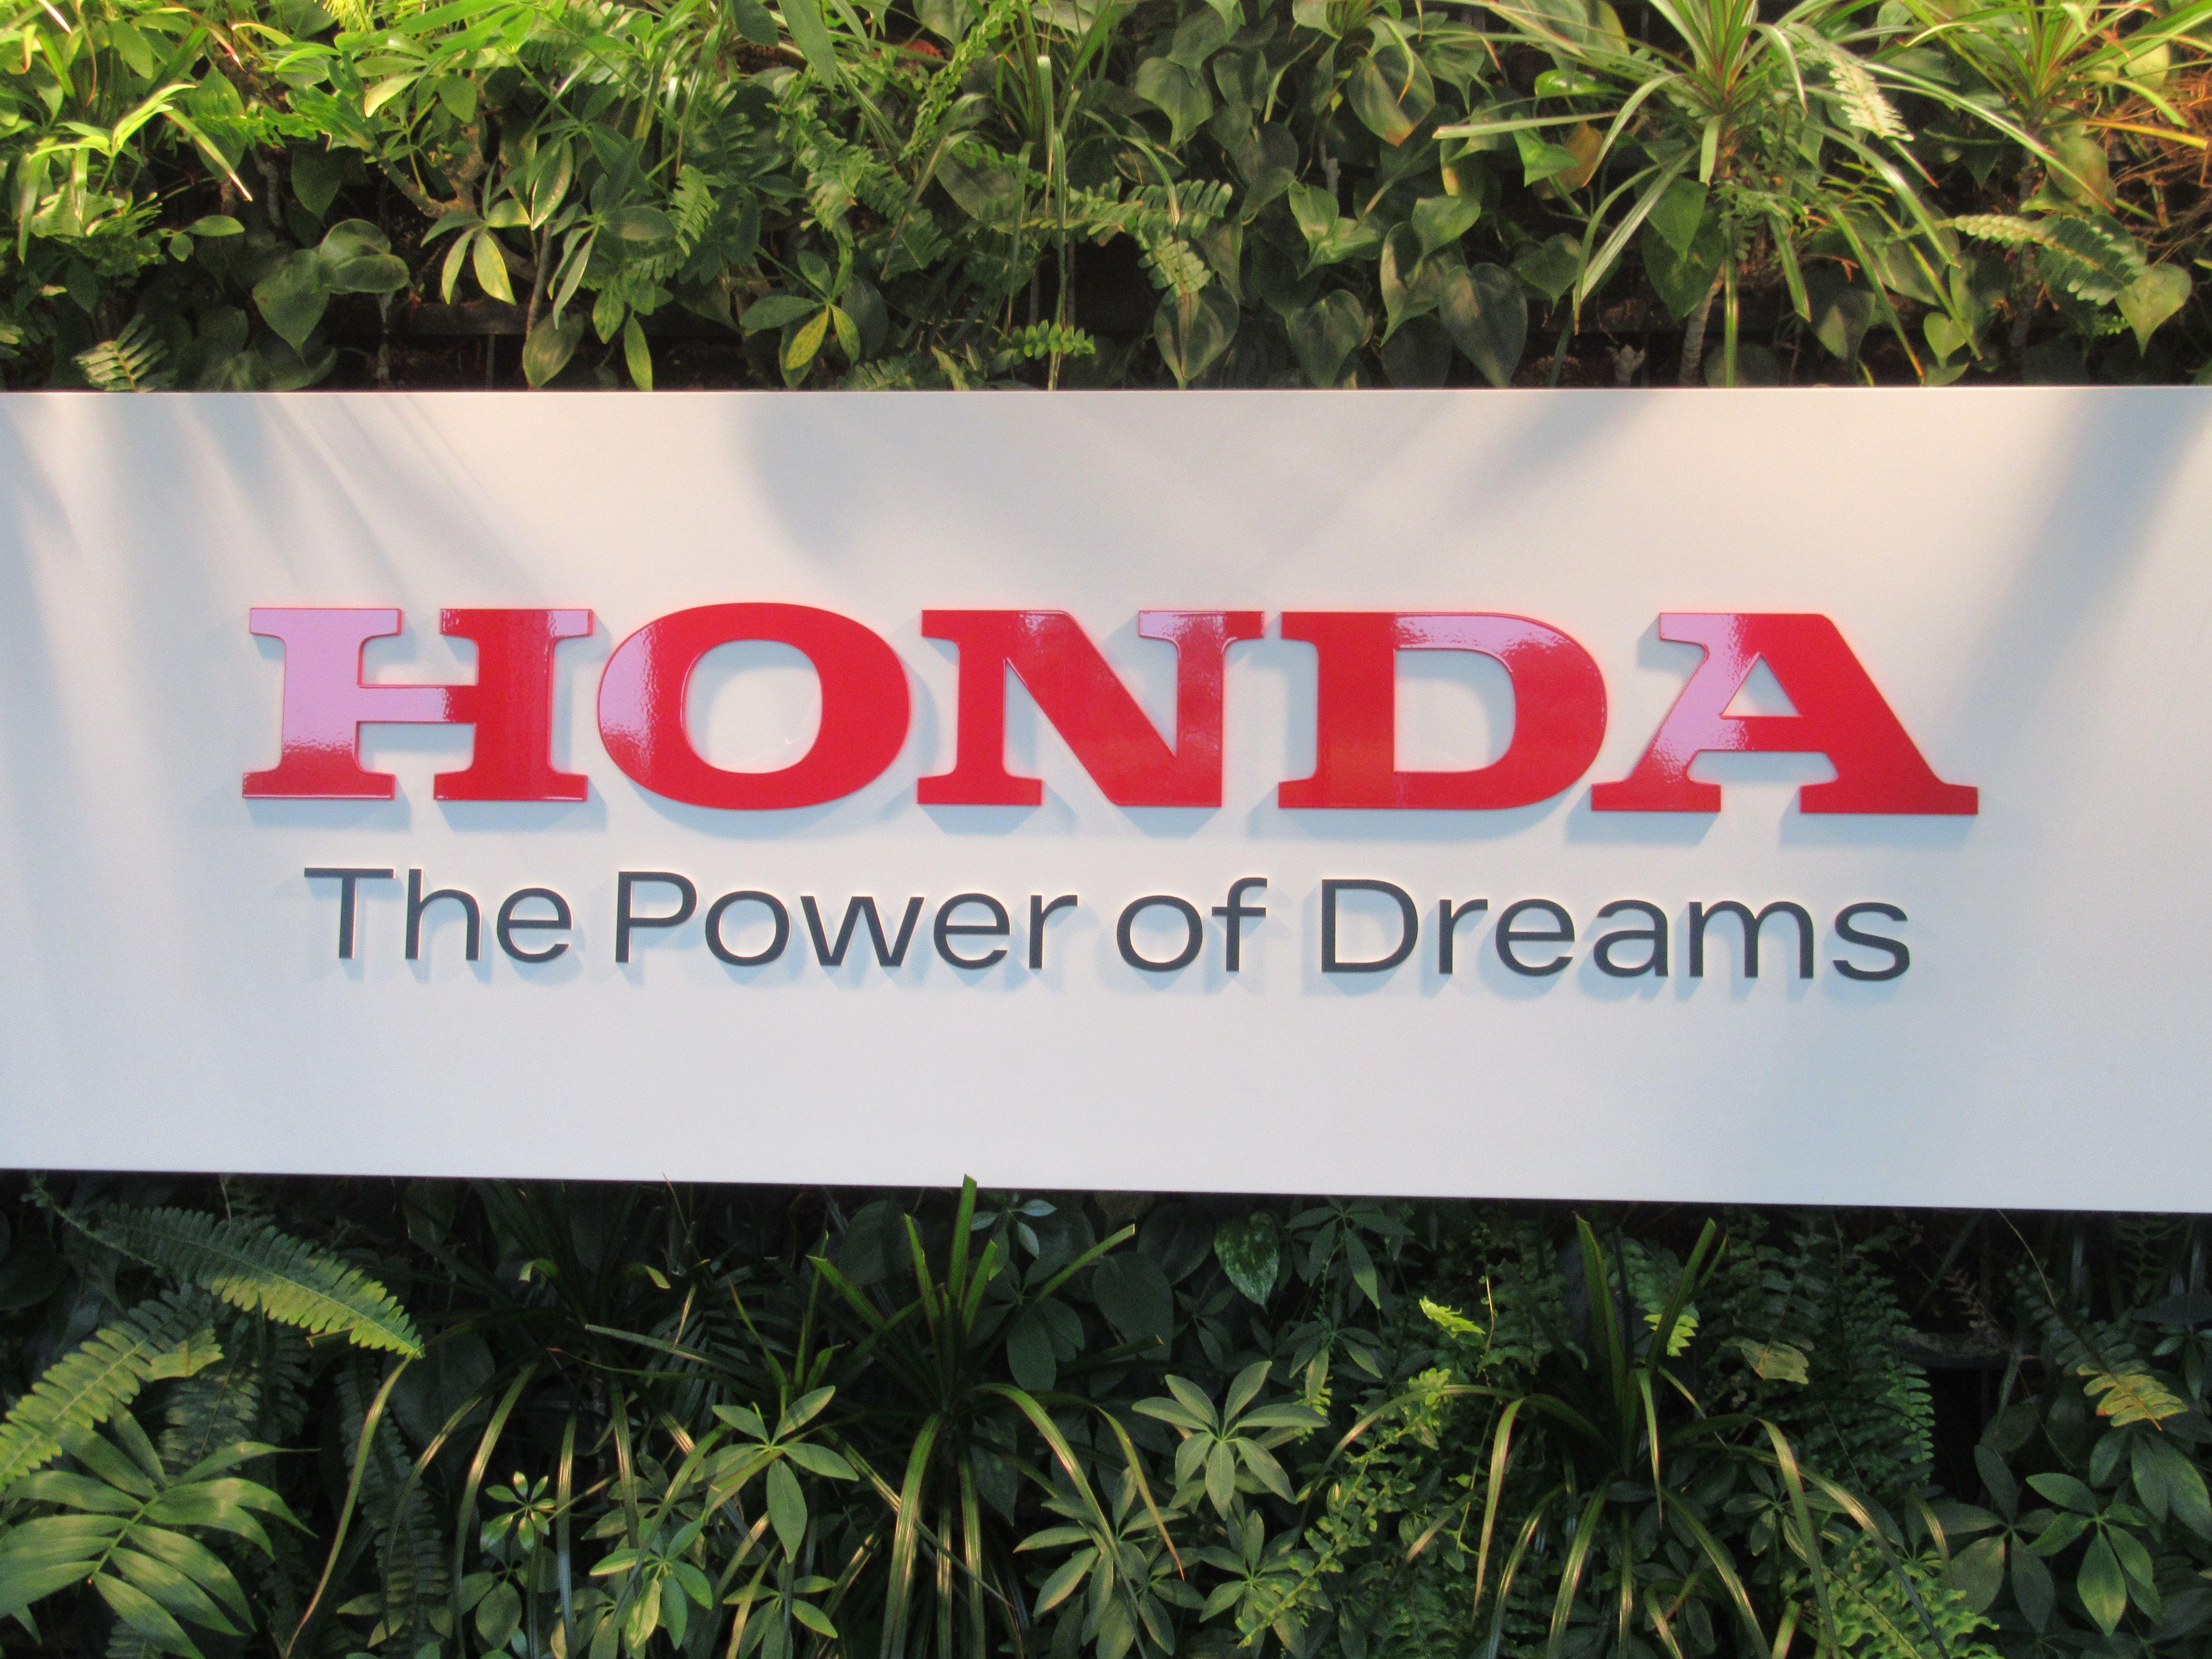 ホンダと日立 傘下の部品メーカー4社を経営統合 グローバルメガサプライヤー目指す